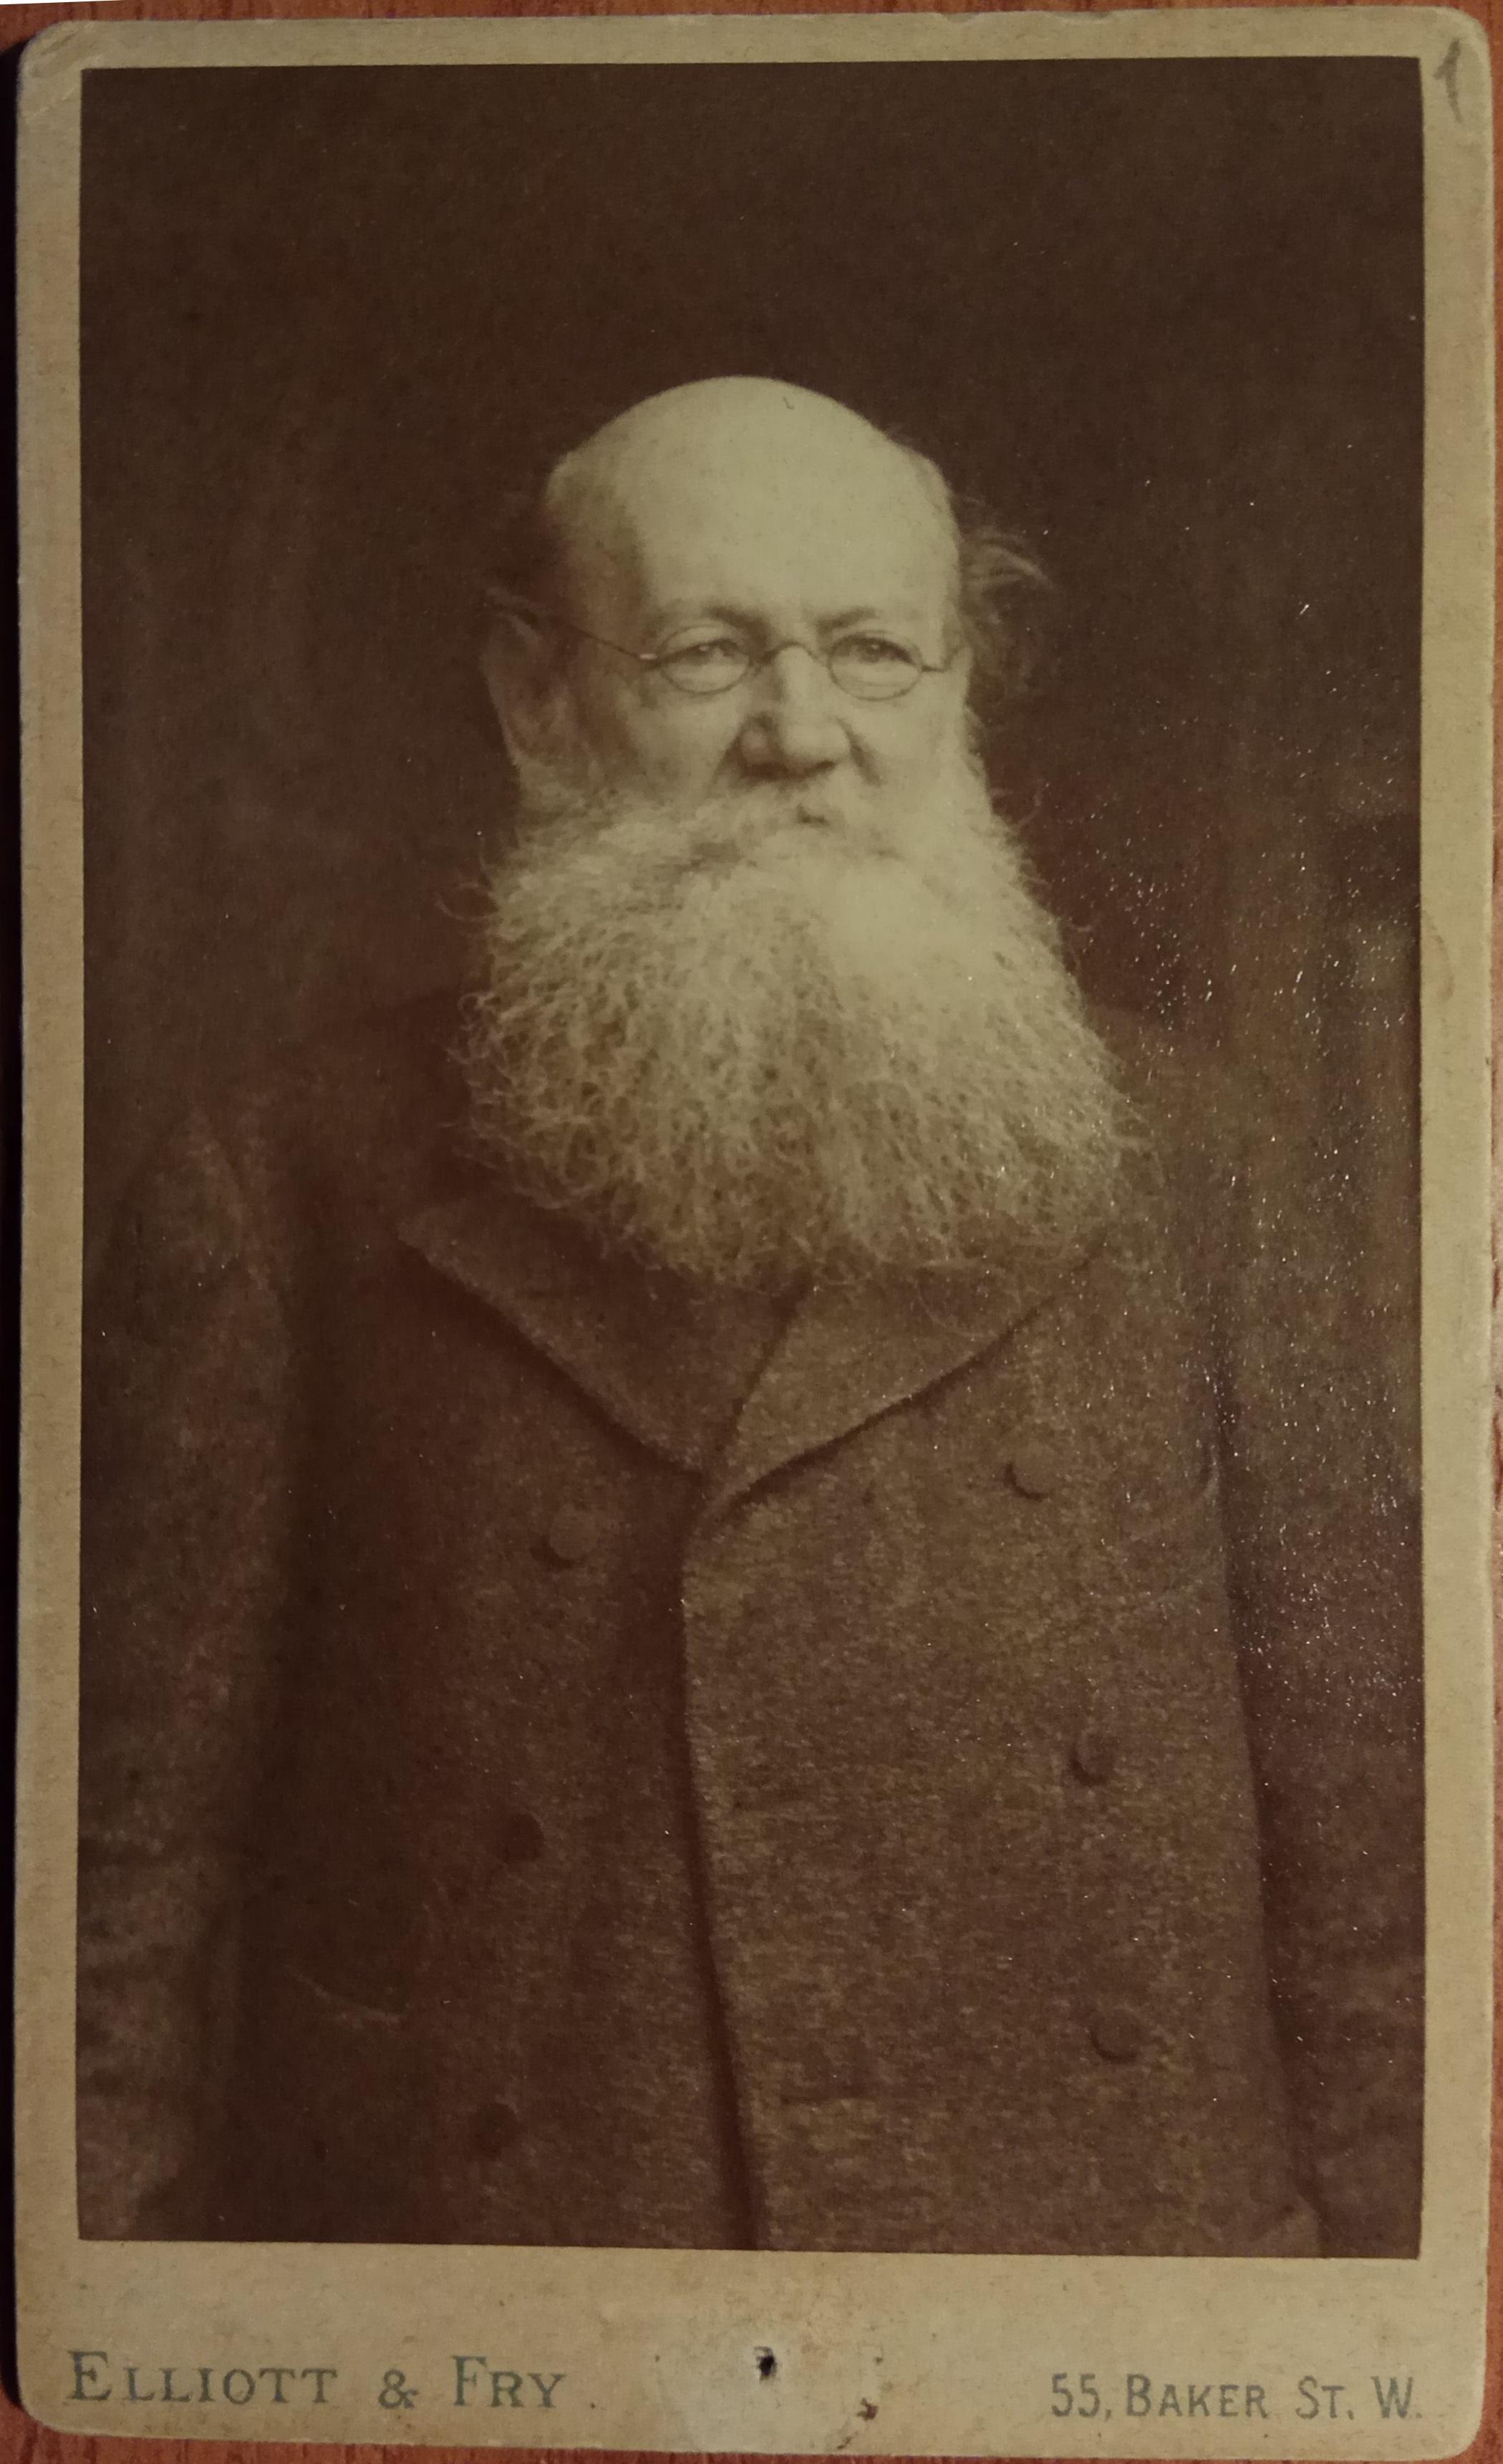 Фотография П.А.Кропоткина в Англии (фотосалон на Бейкер стрит)